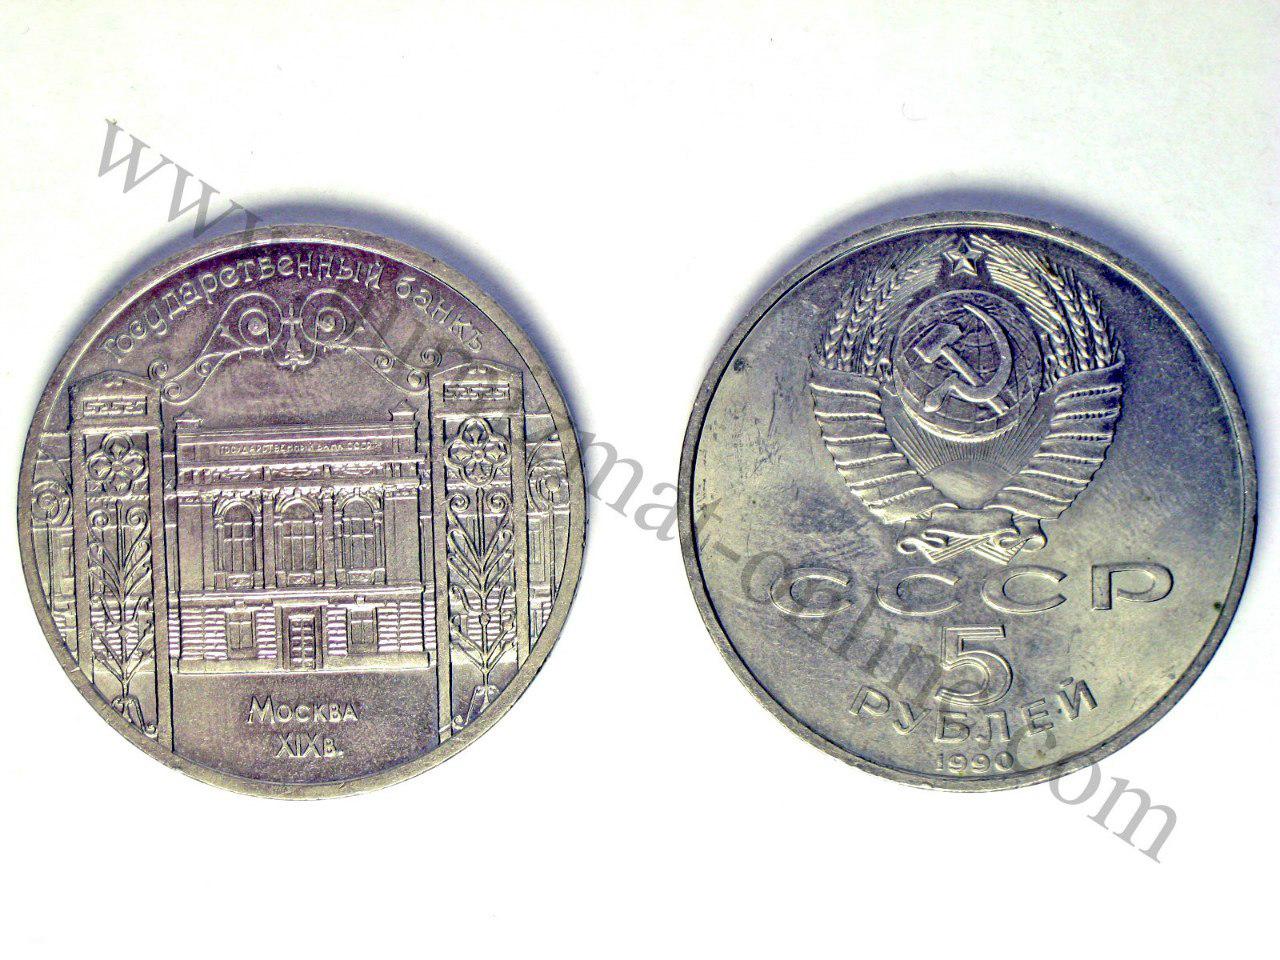 1991 (5 рублей) Государственный банк СССР